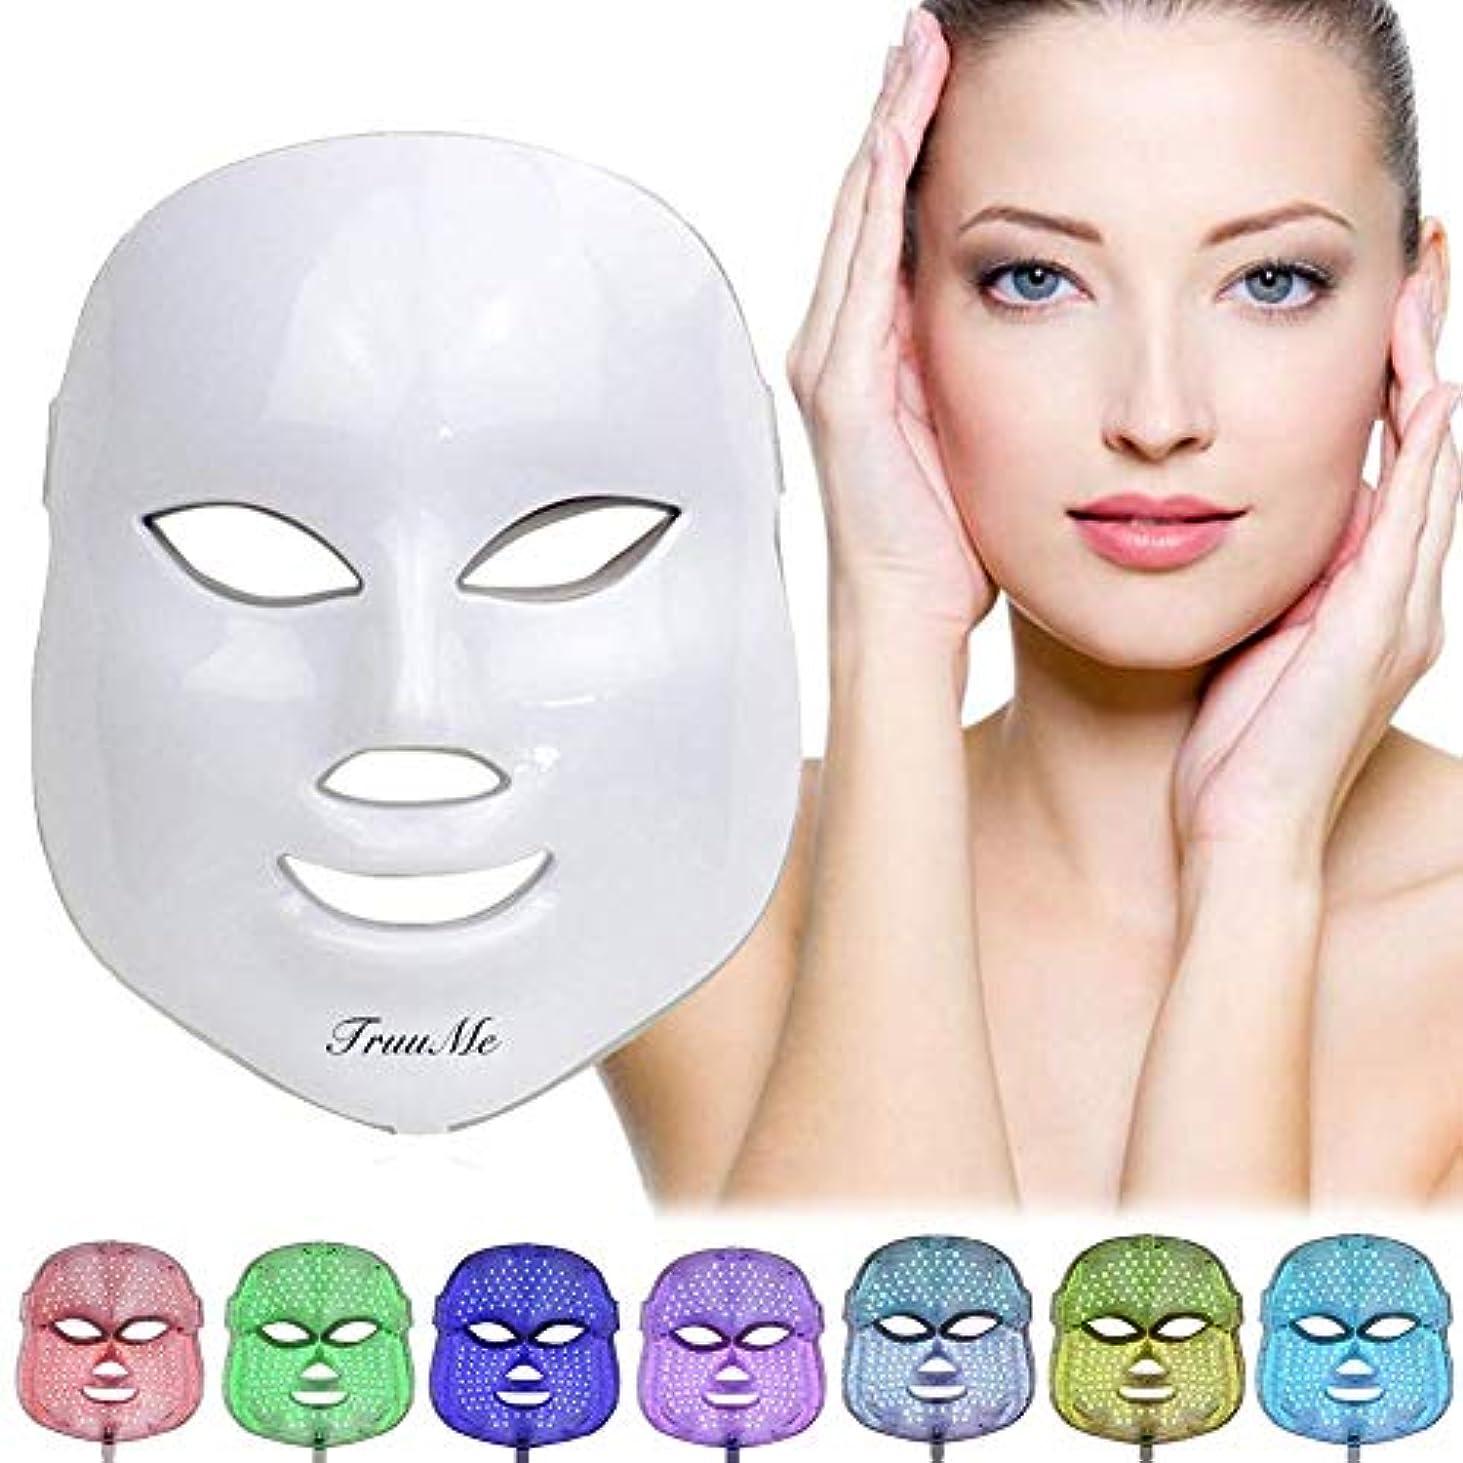 句読点読むアーネストシャクルトンLEDフェイスマスク、ライトセラピーニキビマスク、LEDフェイシャルマスク、光線療法マスク、LEDエレクトリックフェイシャルマスク、7色光治療、ニキビ治療用マスク、斑点、にきび、皮膚のシミ